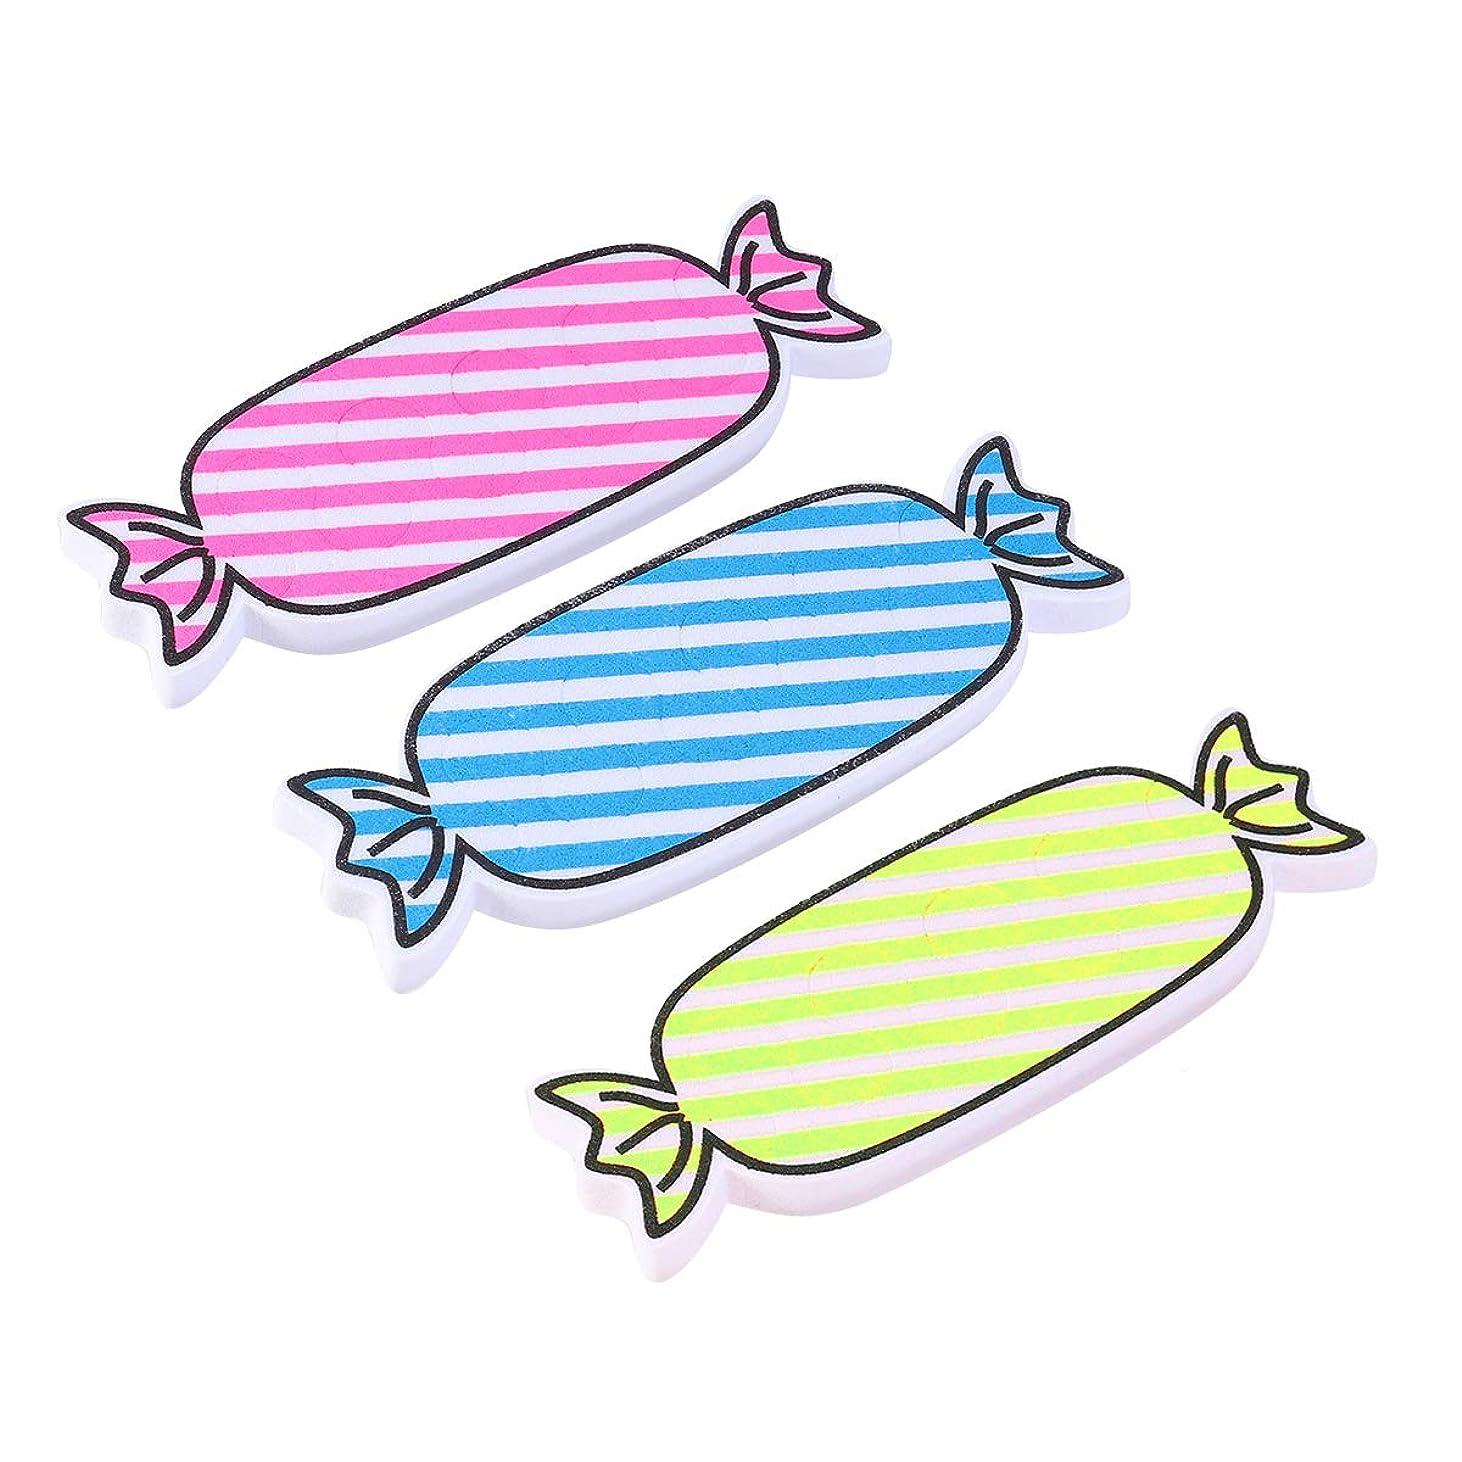 フェンスレビュアー体Healifty トゥセパレーターキャンディーシェイプフィンガートゥスペーサー仕切り用マニキュアネイルアート24本(バラ色、黄色、青)